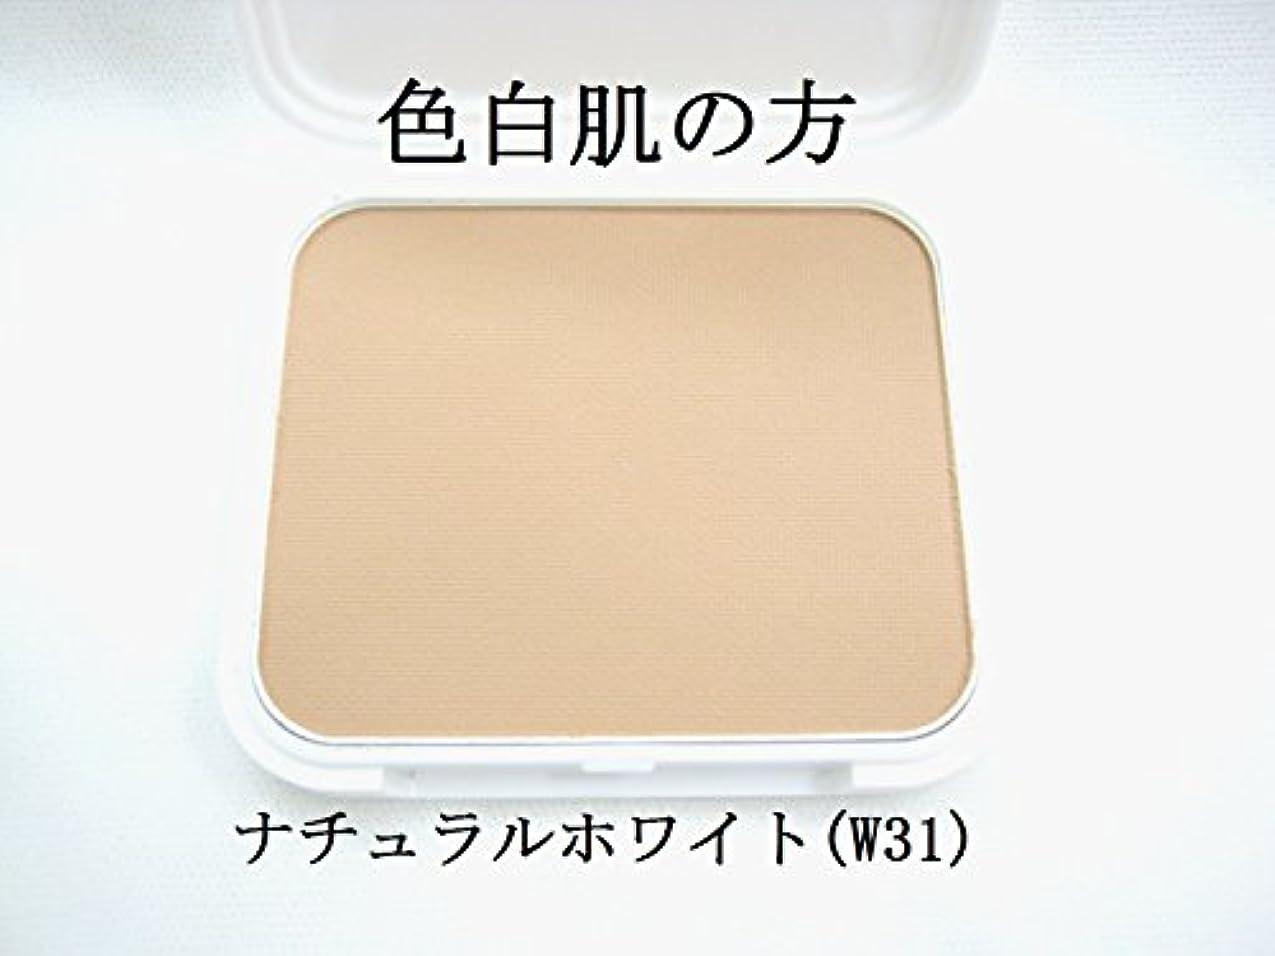 大臣無意識リフトIR アイリベール化粧品 パウダリーファンデーション リフィル 13g (W31)